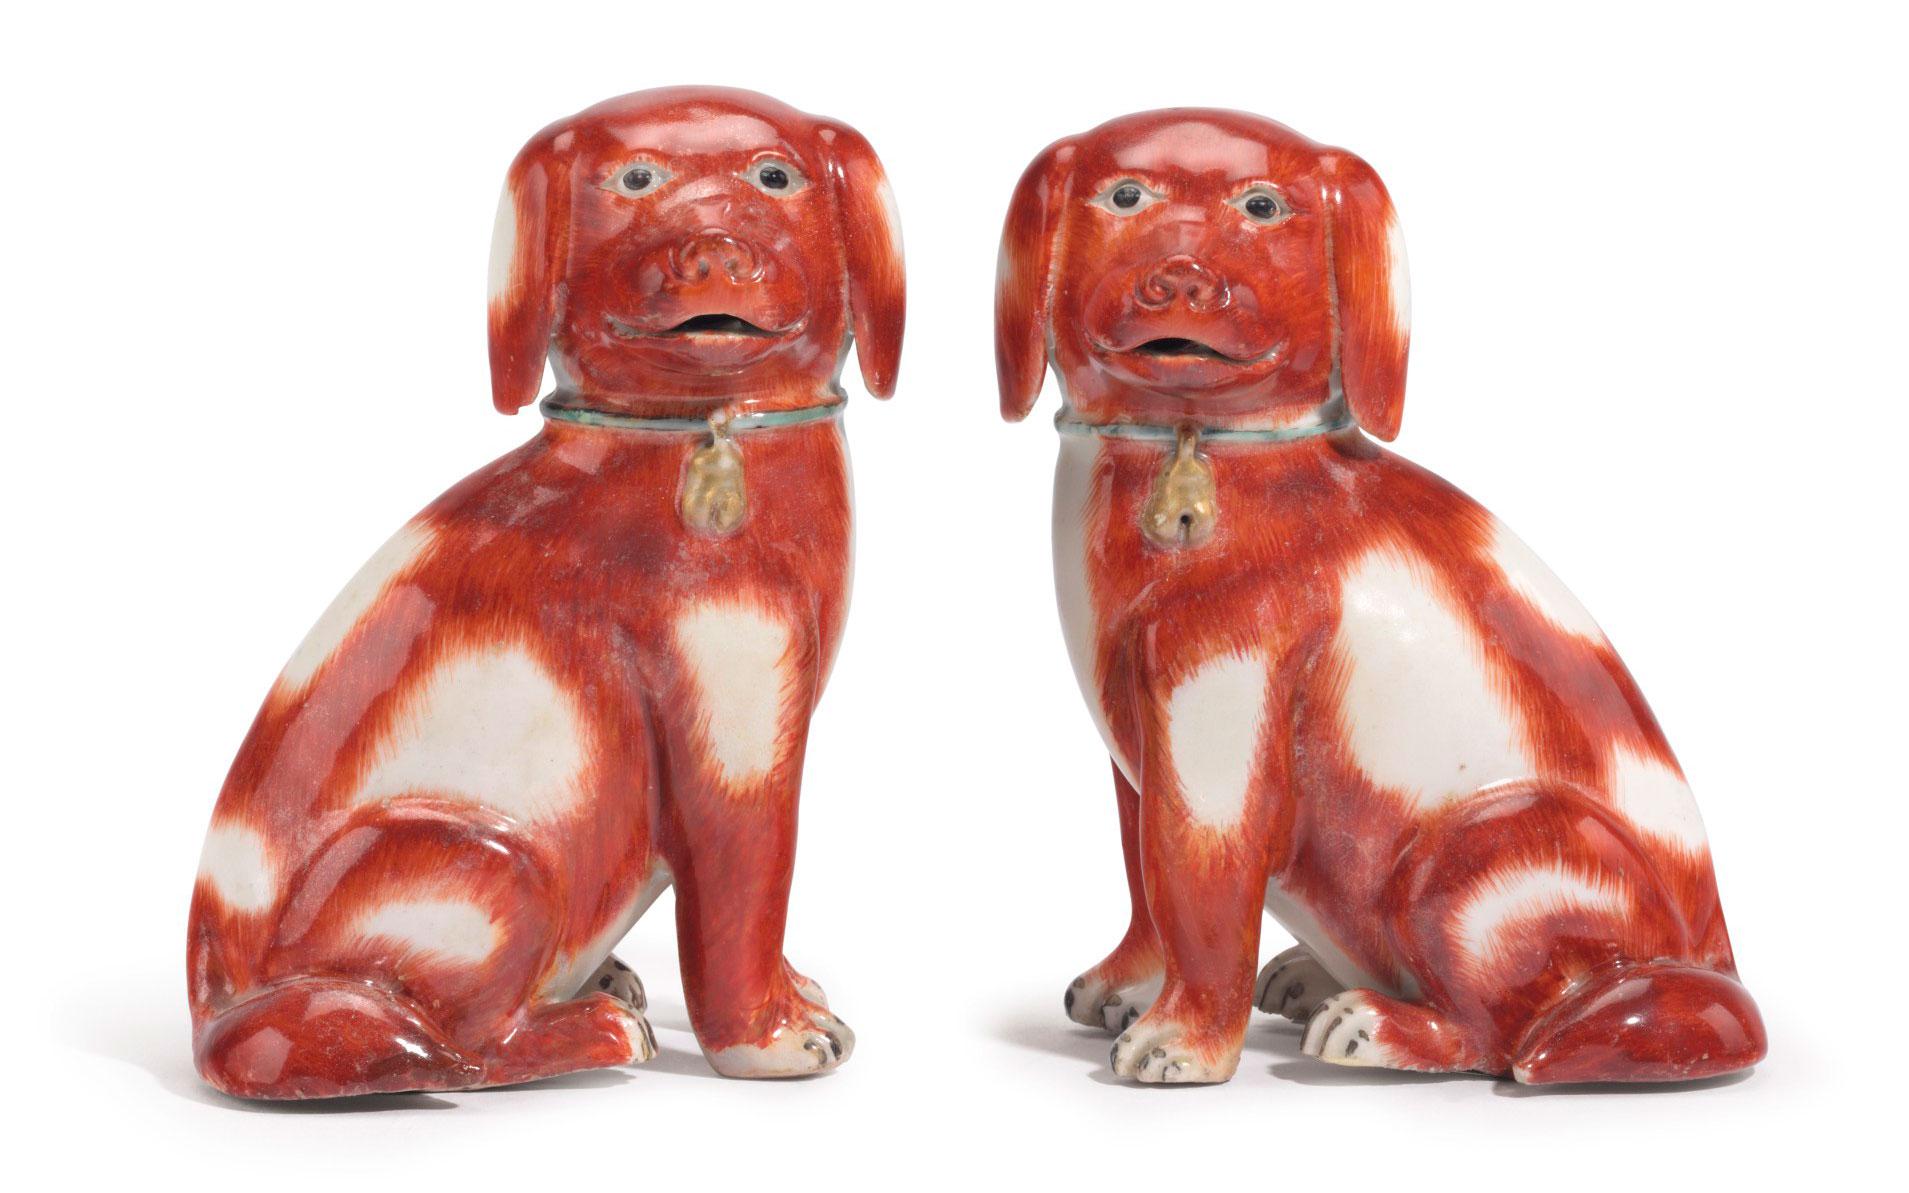 洛克菲勒的品味生活:一对中国外销猎犬瓷像